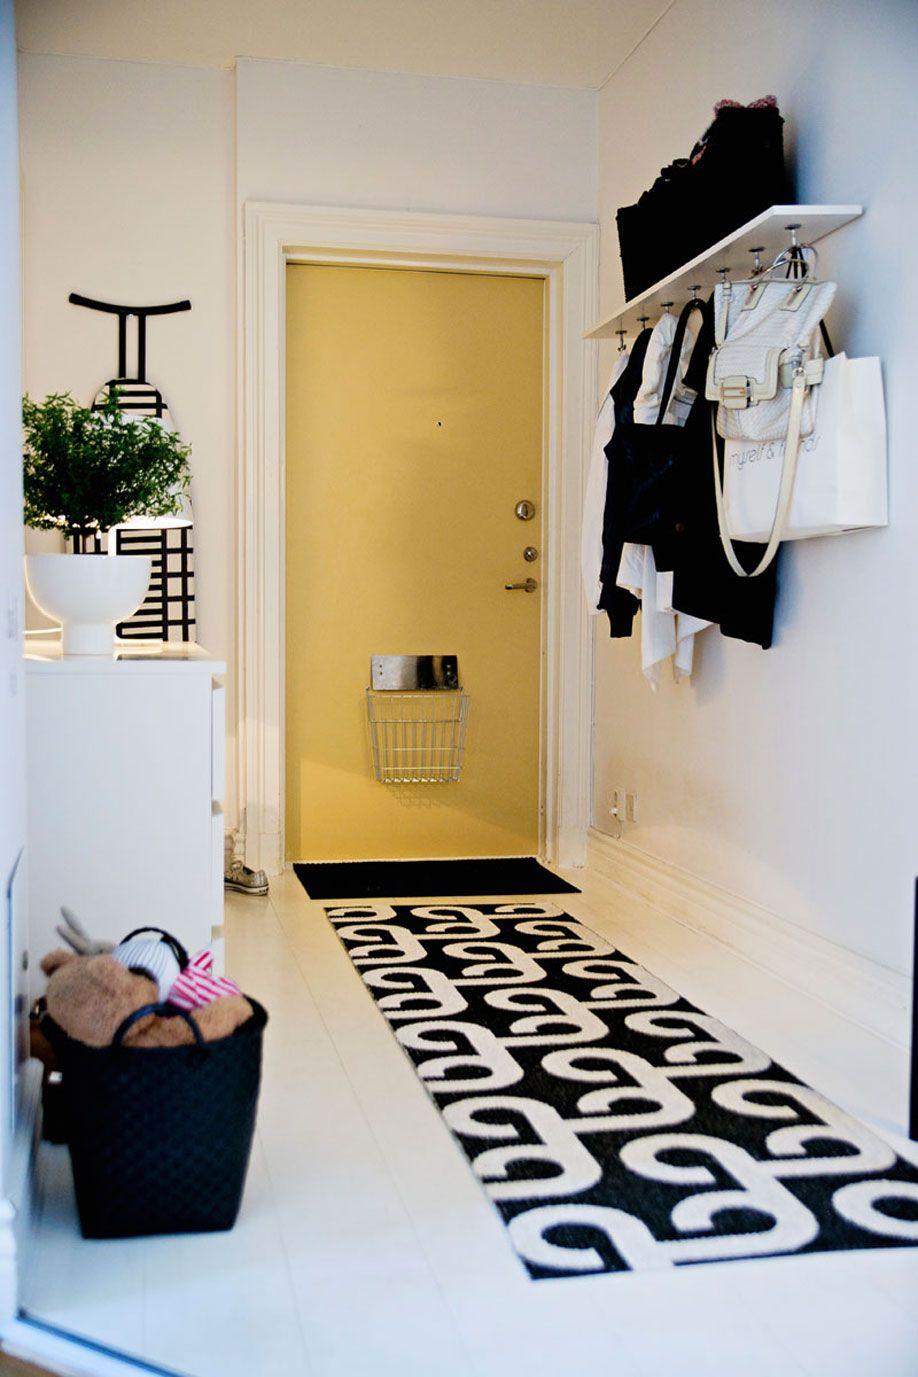 wie man den richtigen teppich w hlt westwing magazin westwing punkt und teppiche. Black Bedroom Furniture Sets. Home Design Ideas